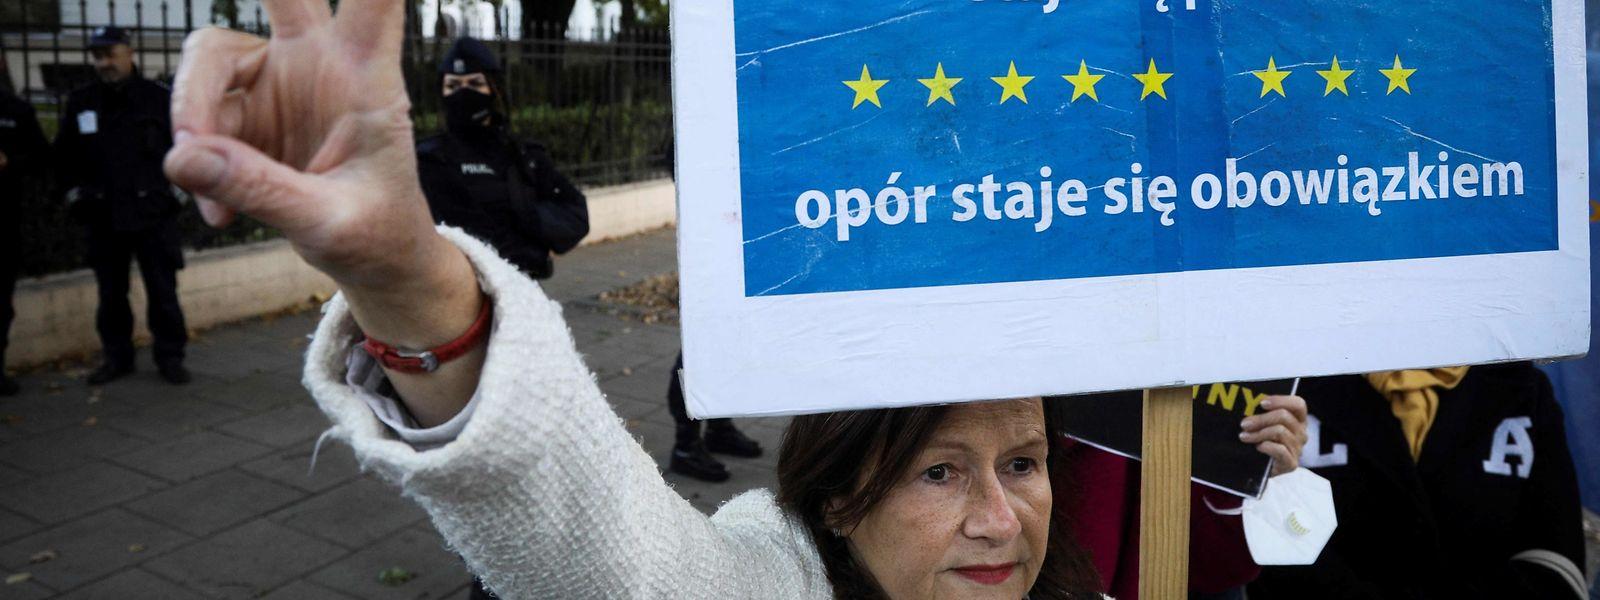 Pro et anti-UE ne cessent de s'opposer aussi en Pologne même.